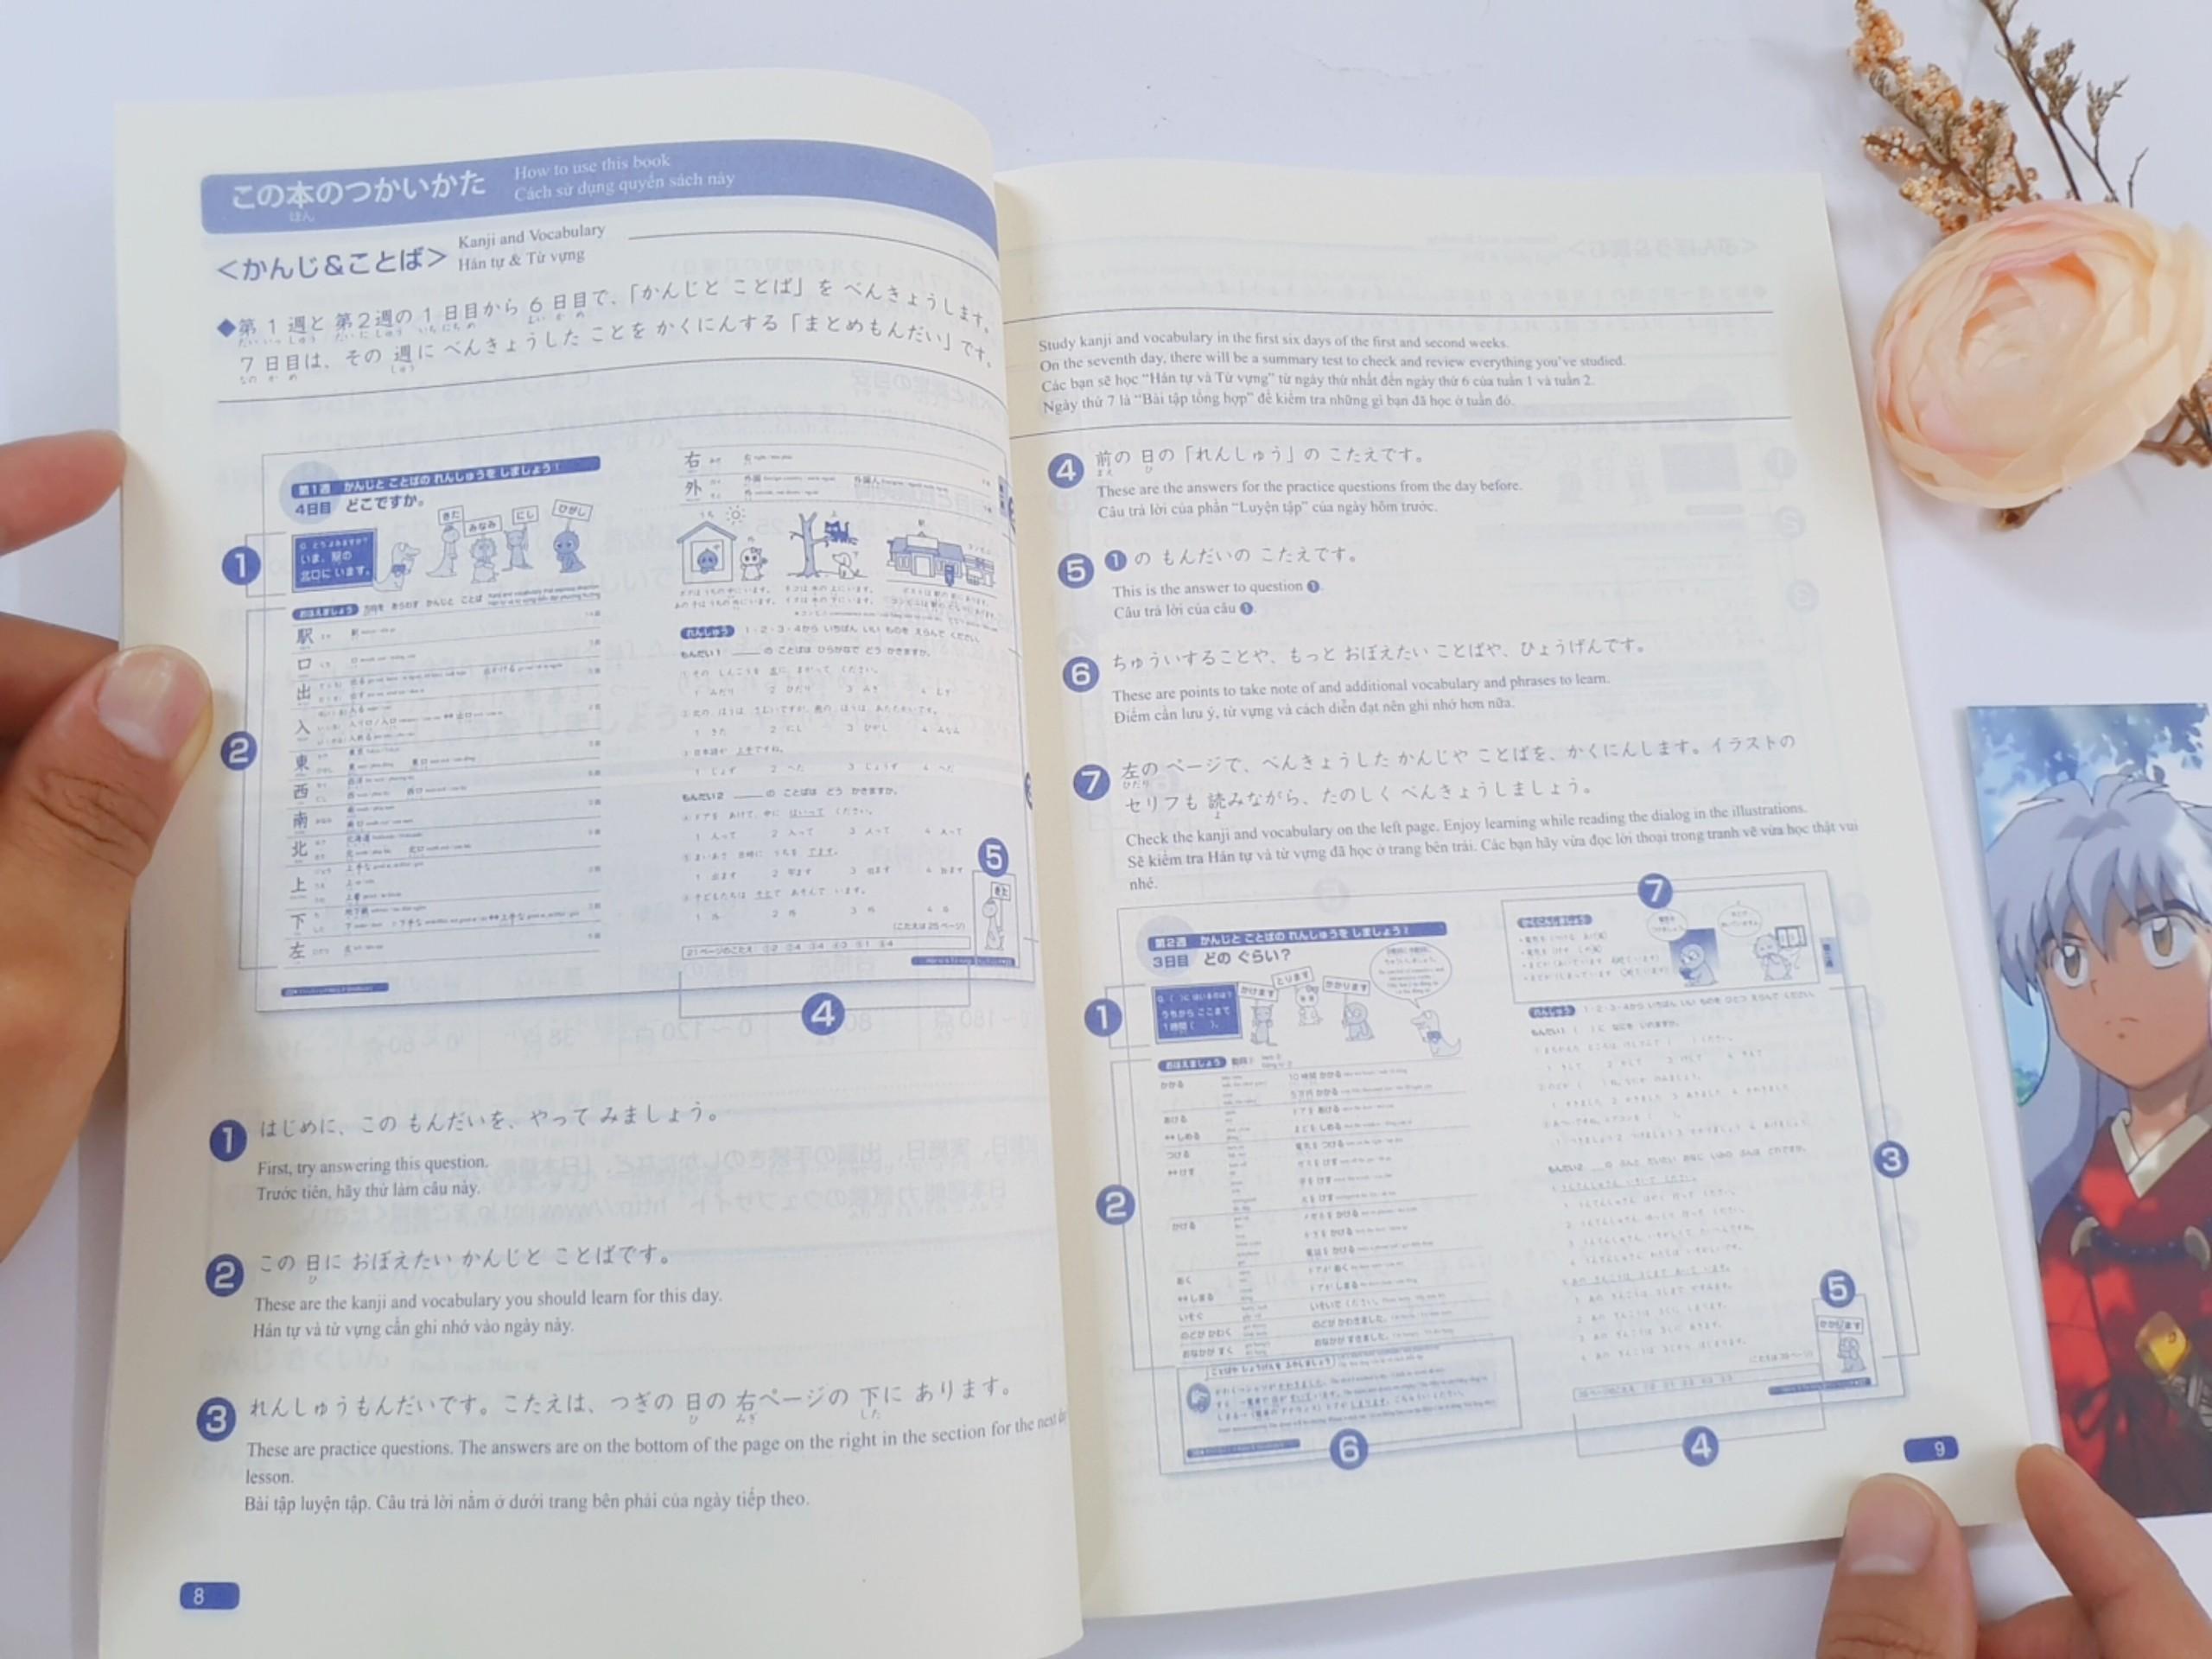 Soumatome N5 - Kanji, từ vựng, ngữ pháp, đọc hiểu, nghe hiểu N5